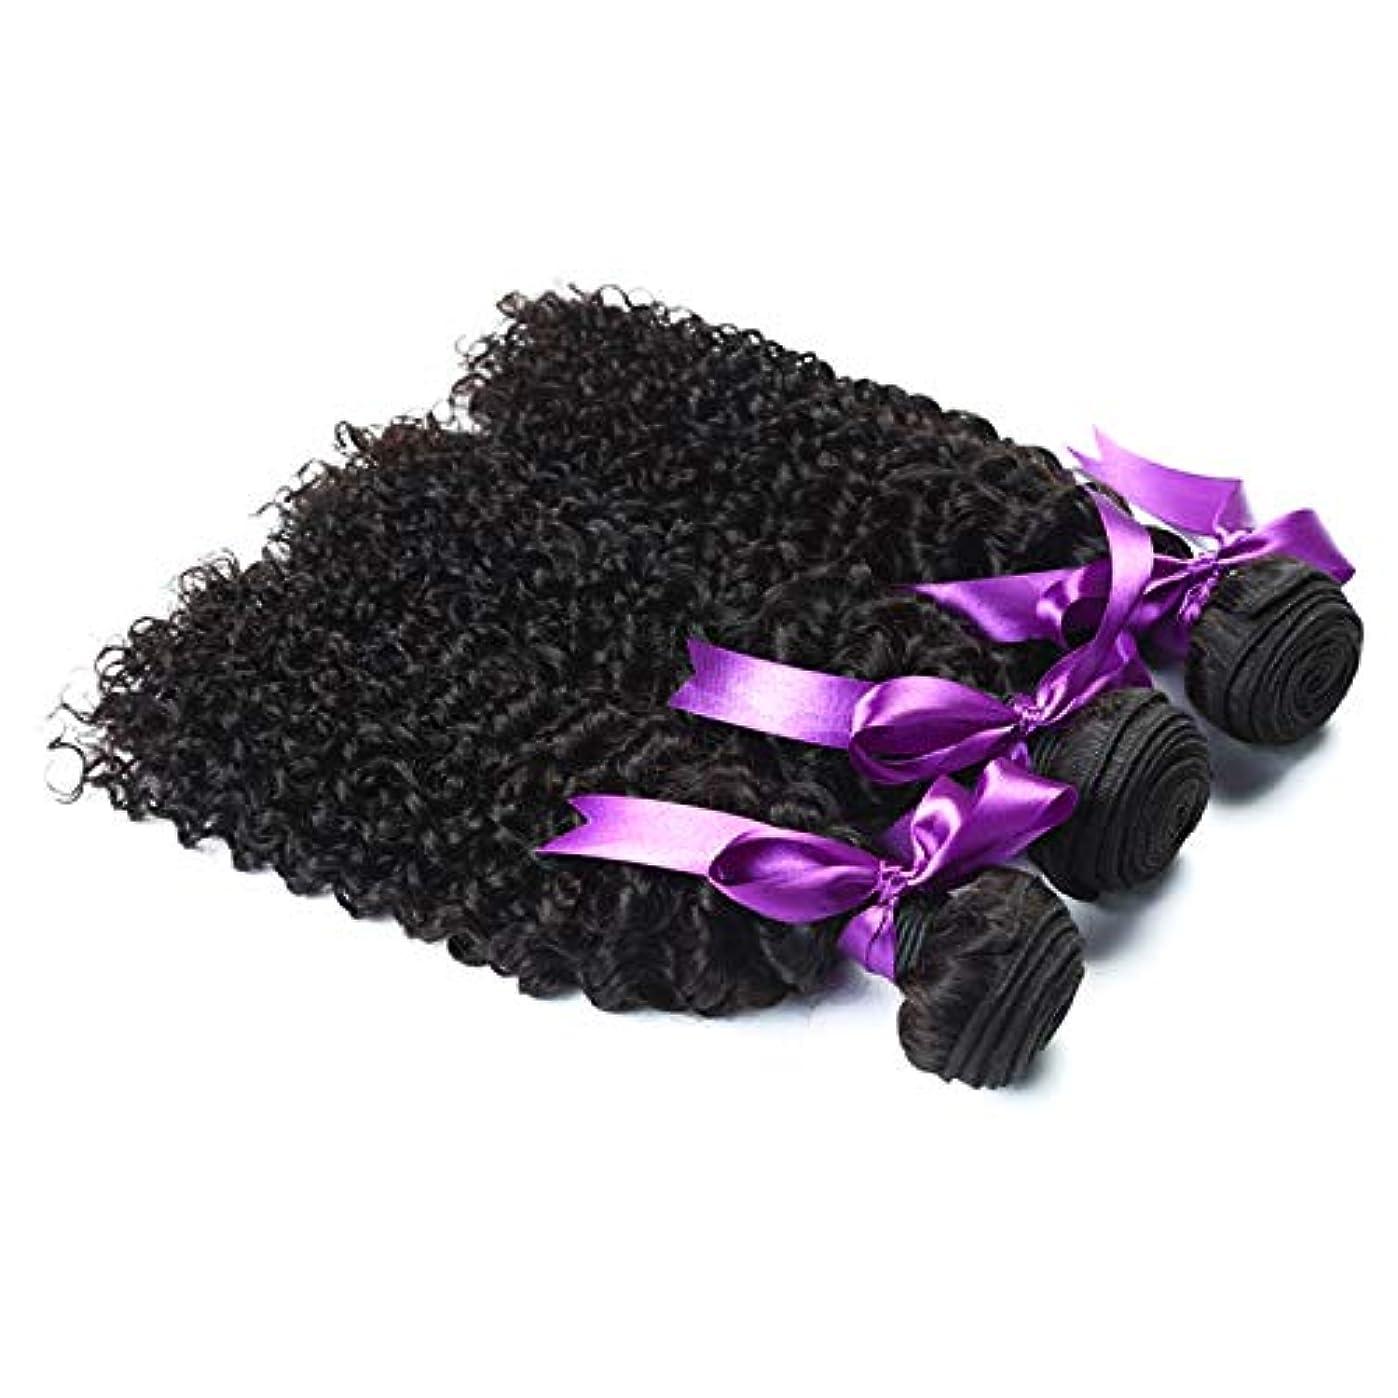 ロイヤリティつづり先にかつら マレーシアの変態巻き毛3束お得な価格非Remy人間の髪織りエクステンションナチュラルブラック人間の髪の毛のかつら (Length : 8 10 12)